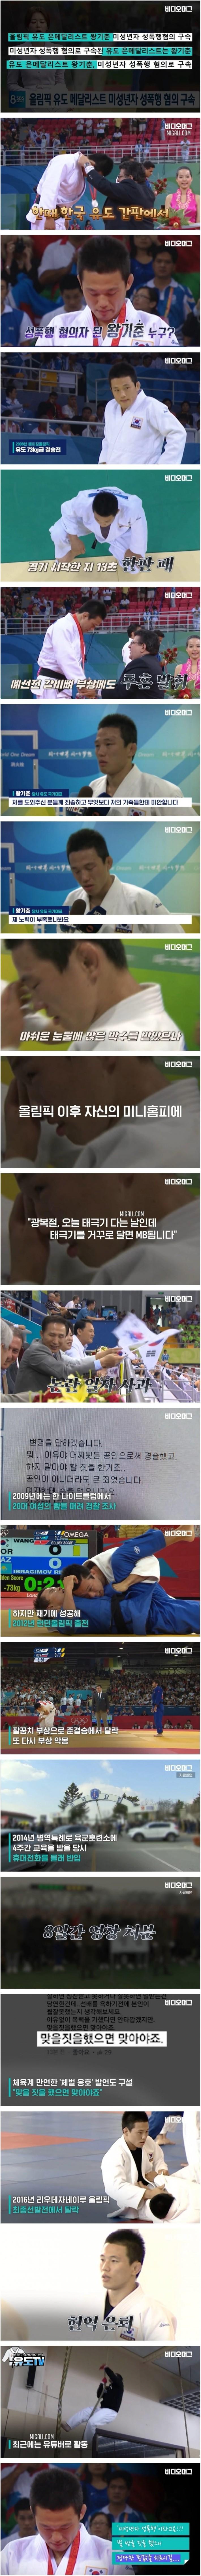 한때 한국 유도 간판에서 성범죄자 된 왕기춘 누구?